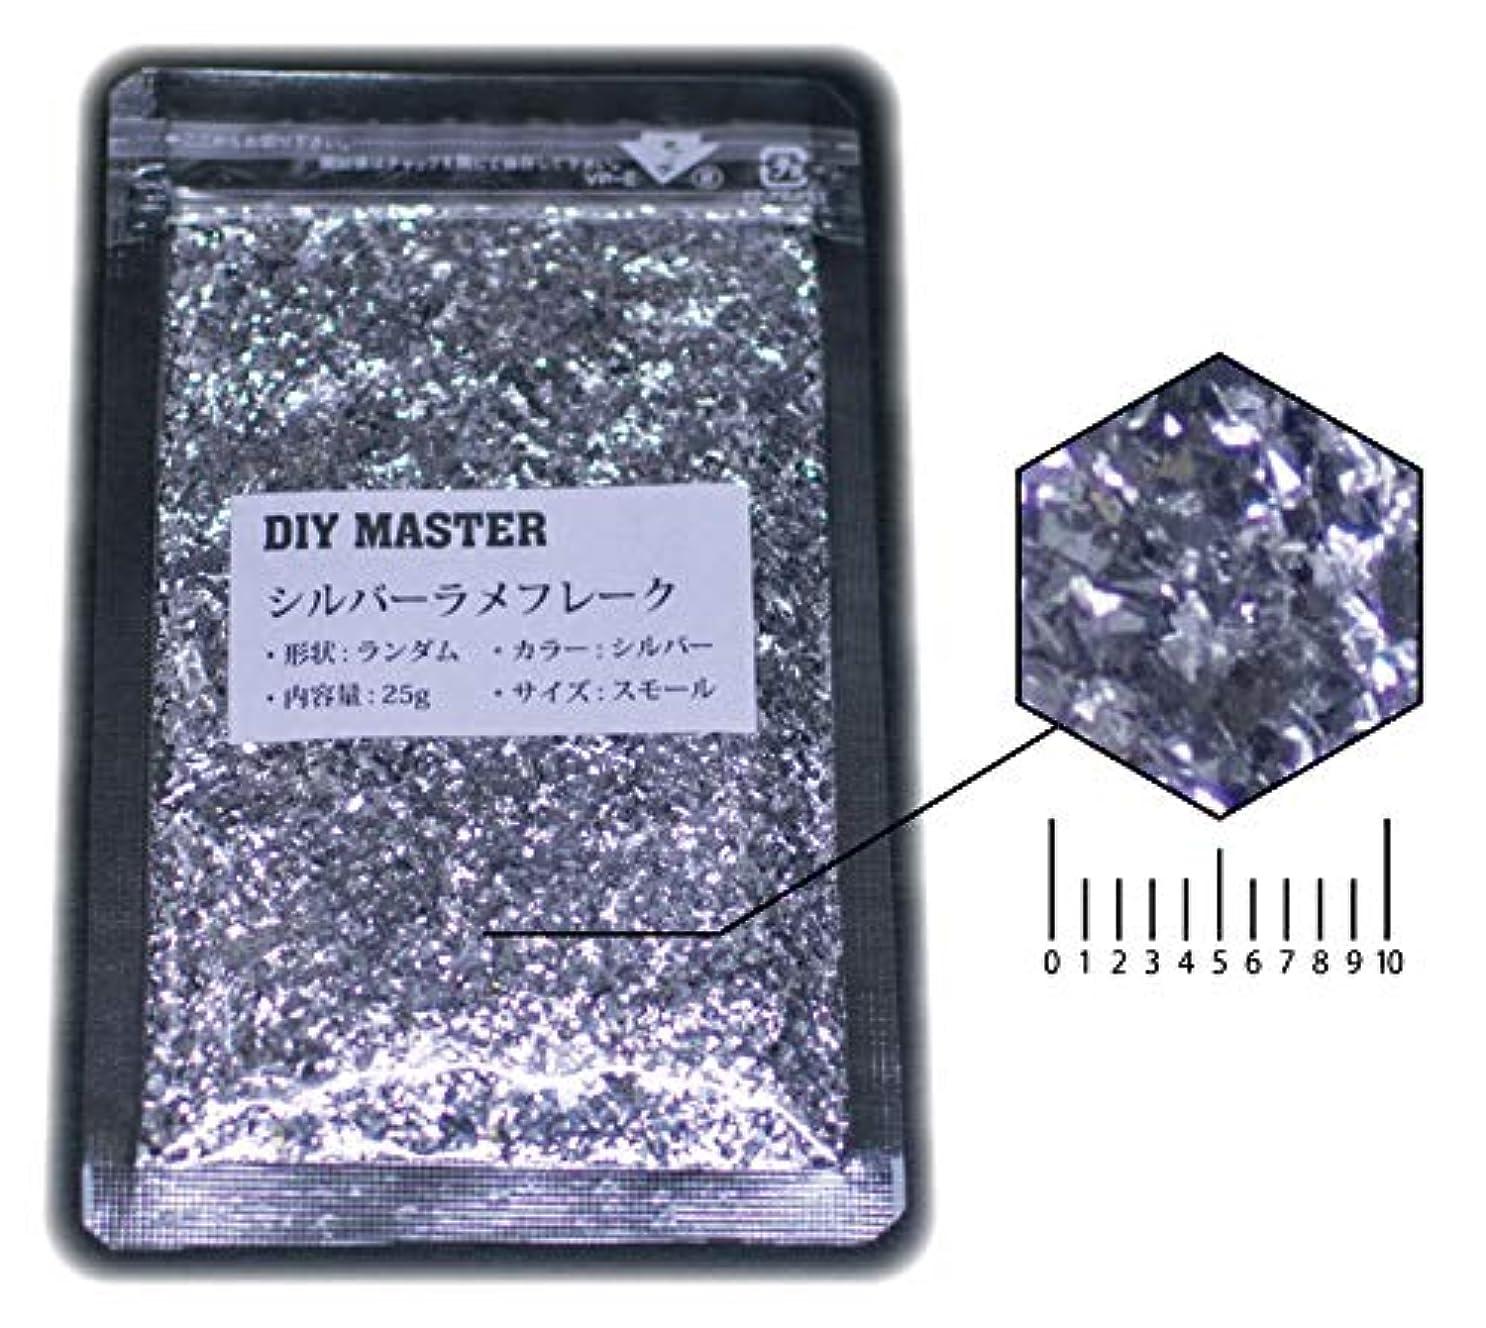 マエストロ基準キャップDIY MASTER シルバー ラメフレーク ランダム スモール 25g